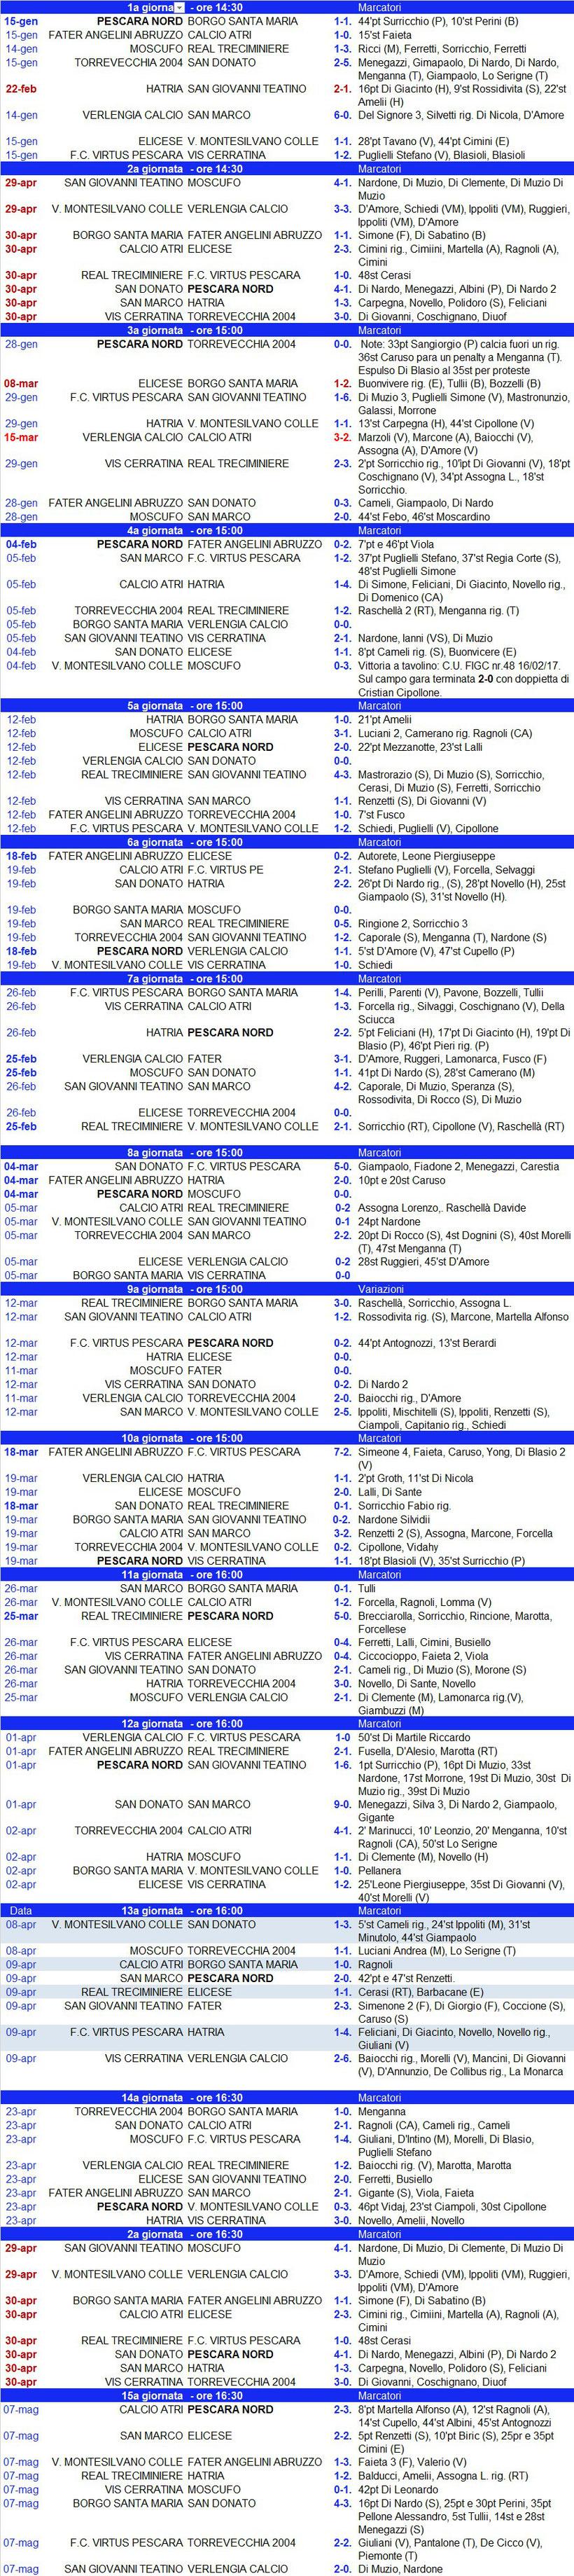 Campionato Prima Categoria Girone E Abruzzo 2016/17 - Risultati e marcatori